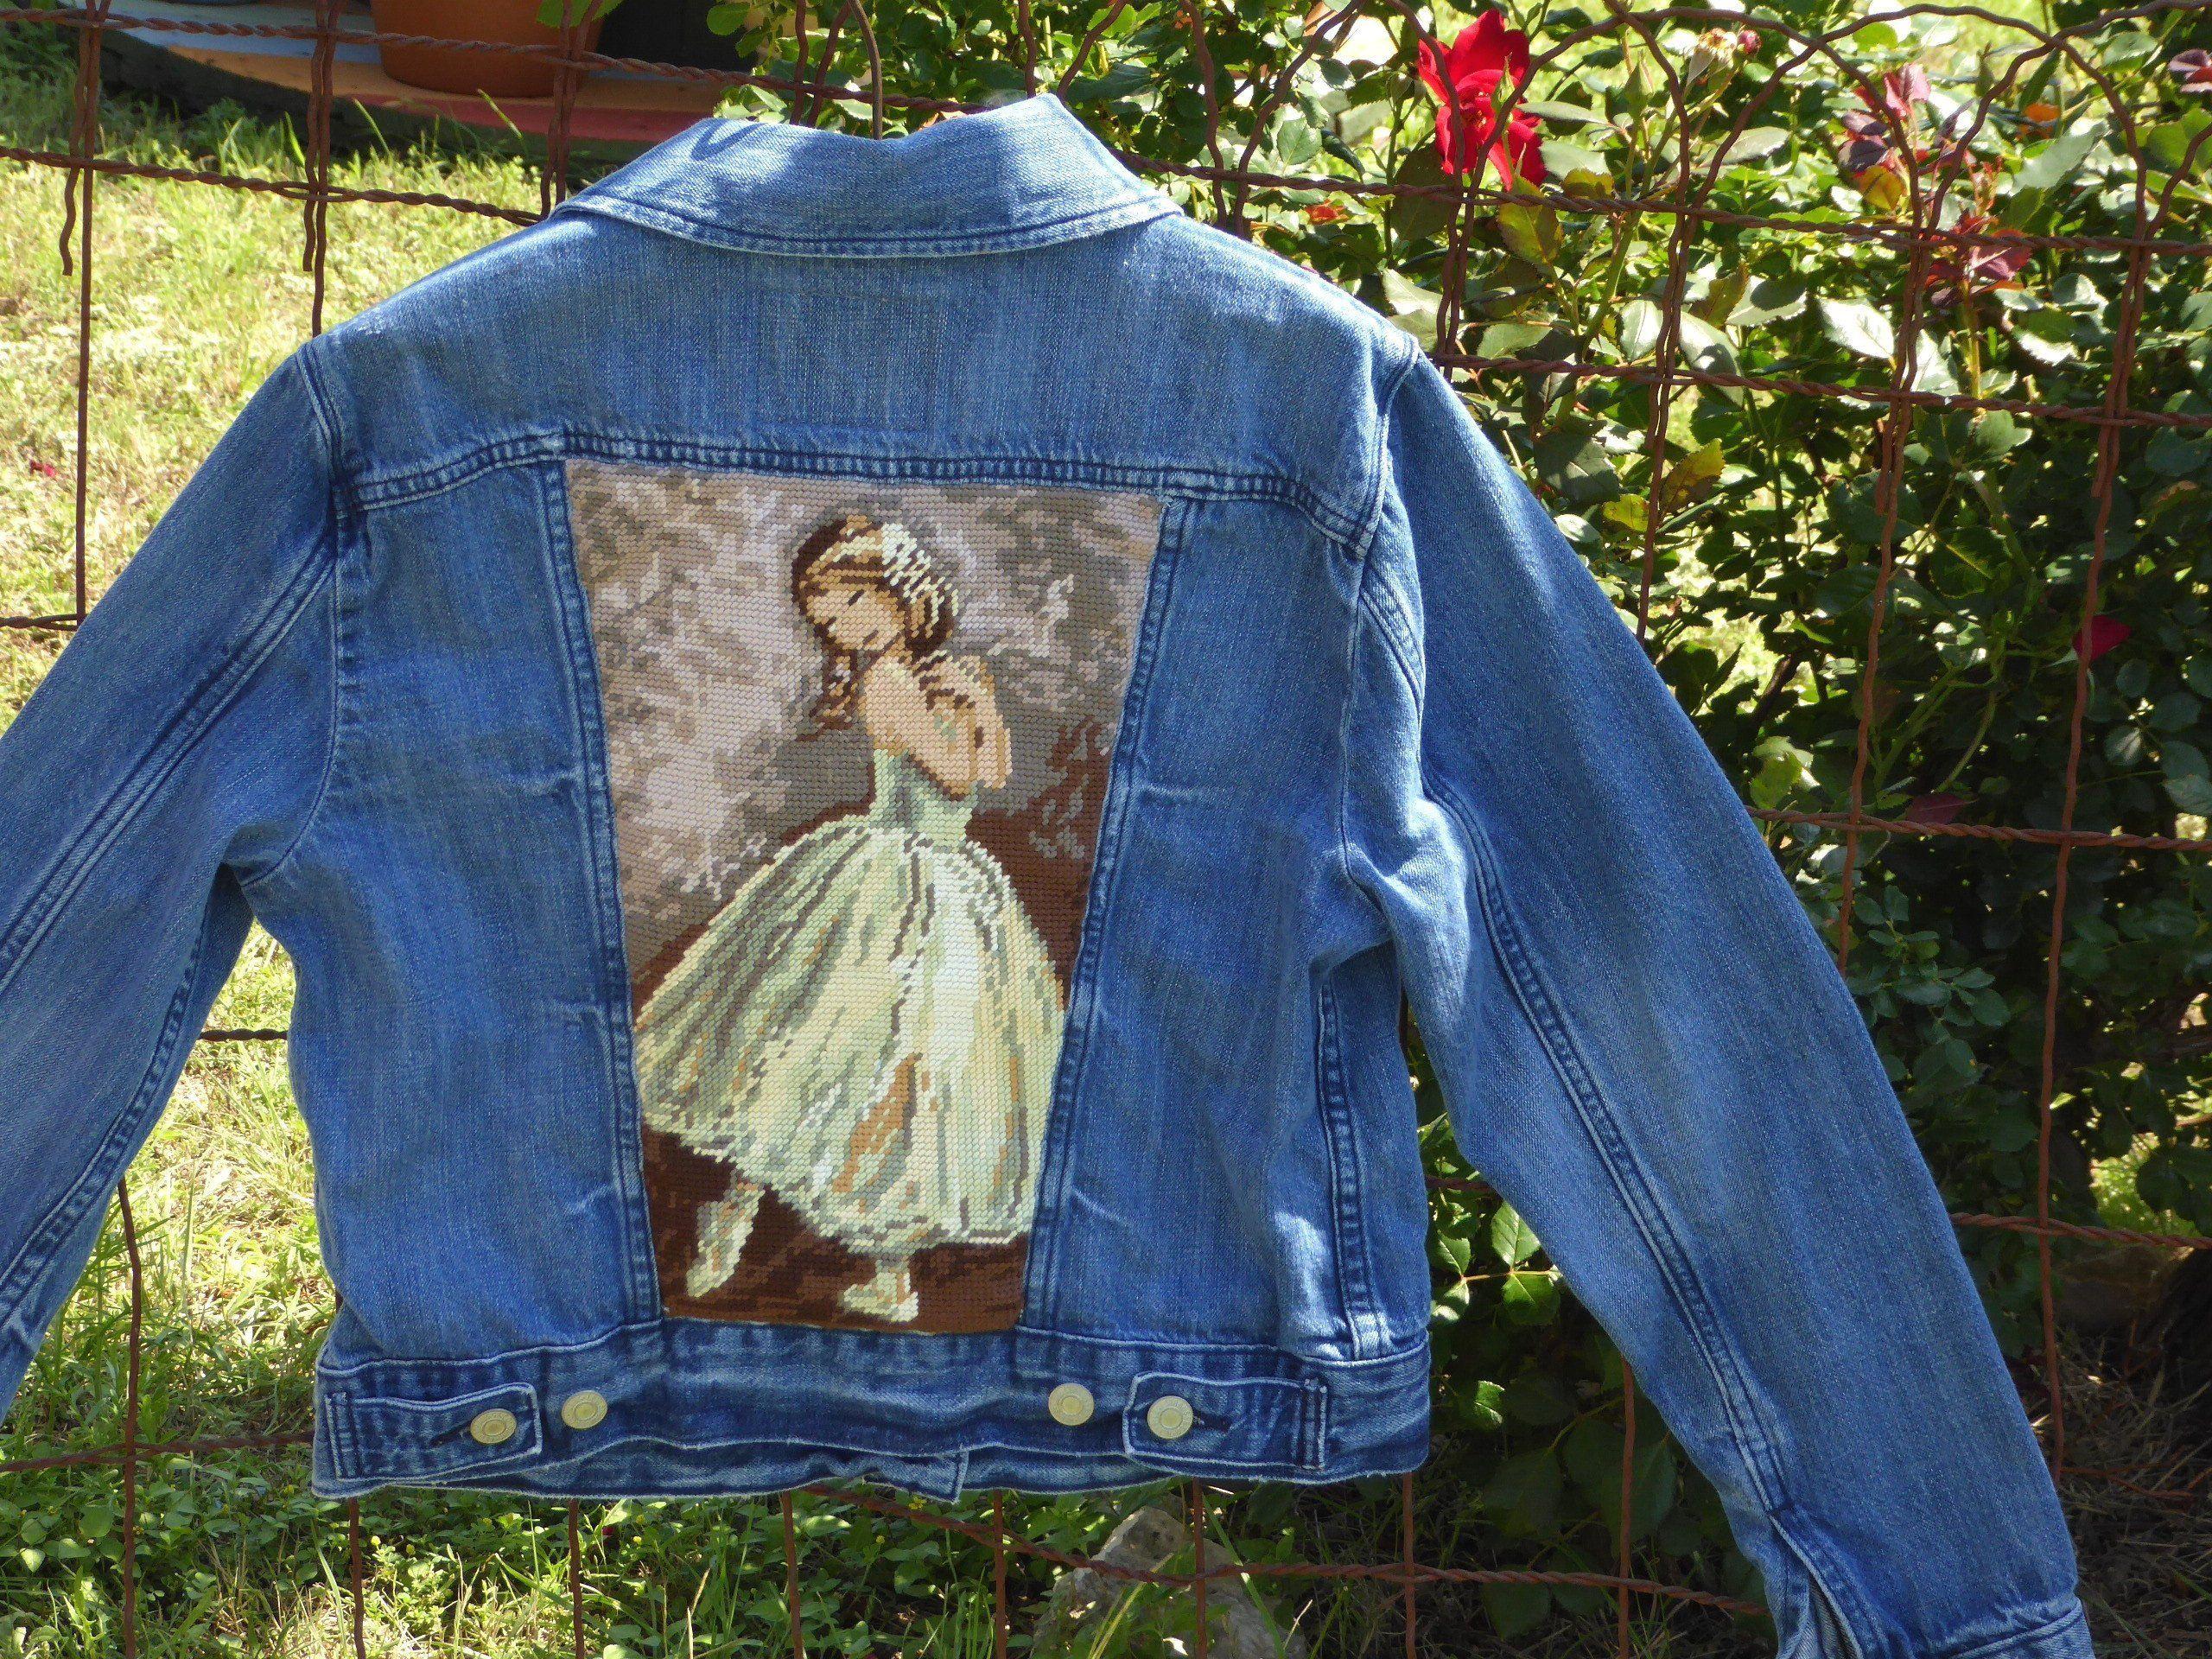 Ballerina Needlepoint Levis Denim Jacket Small Small Levi Etsy Levi Denim Jacket Denim Jacket Levis Denim [ 1920 x 2560 Pixel ]